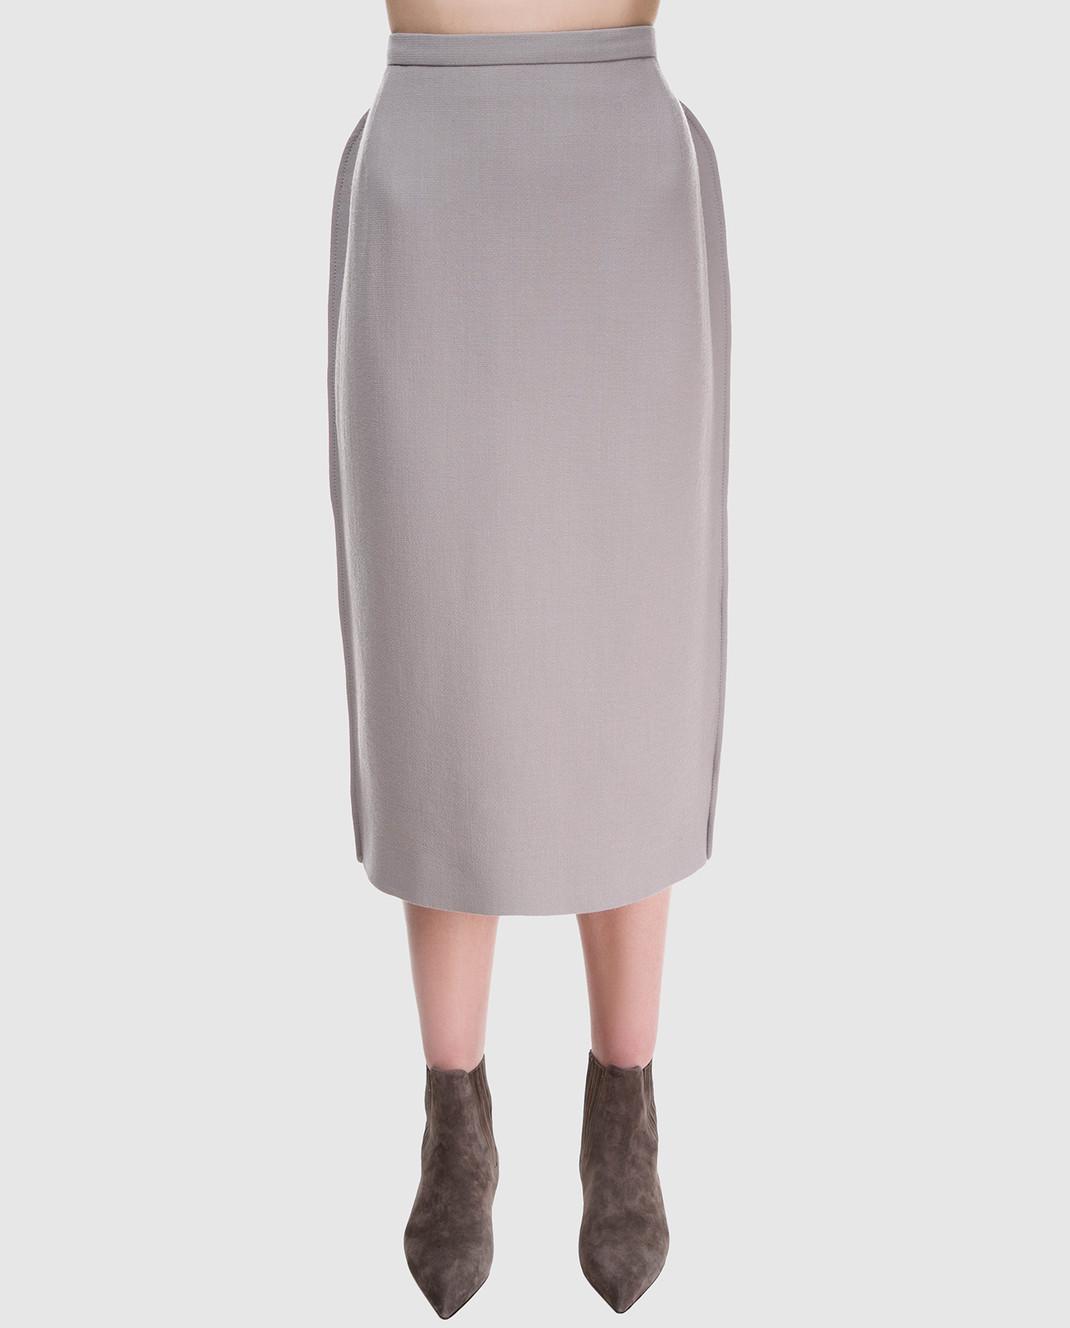 NINA RICCI Серая юбка 18PCJU005WV0230 изображение 3